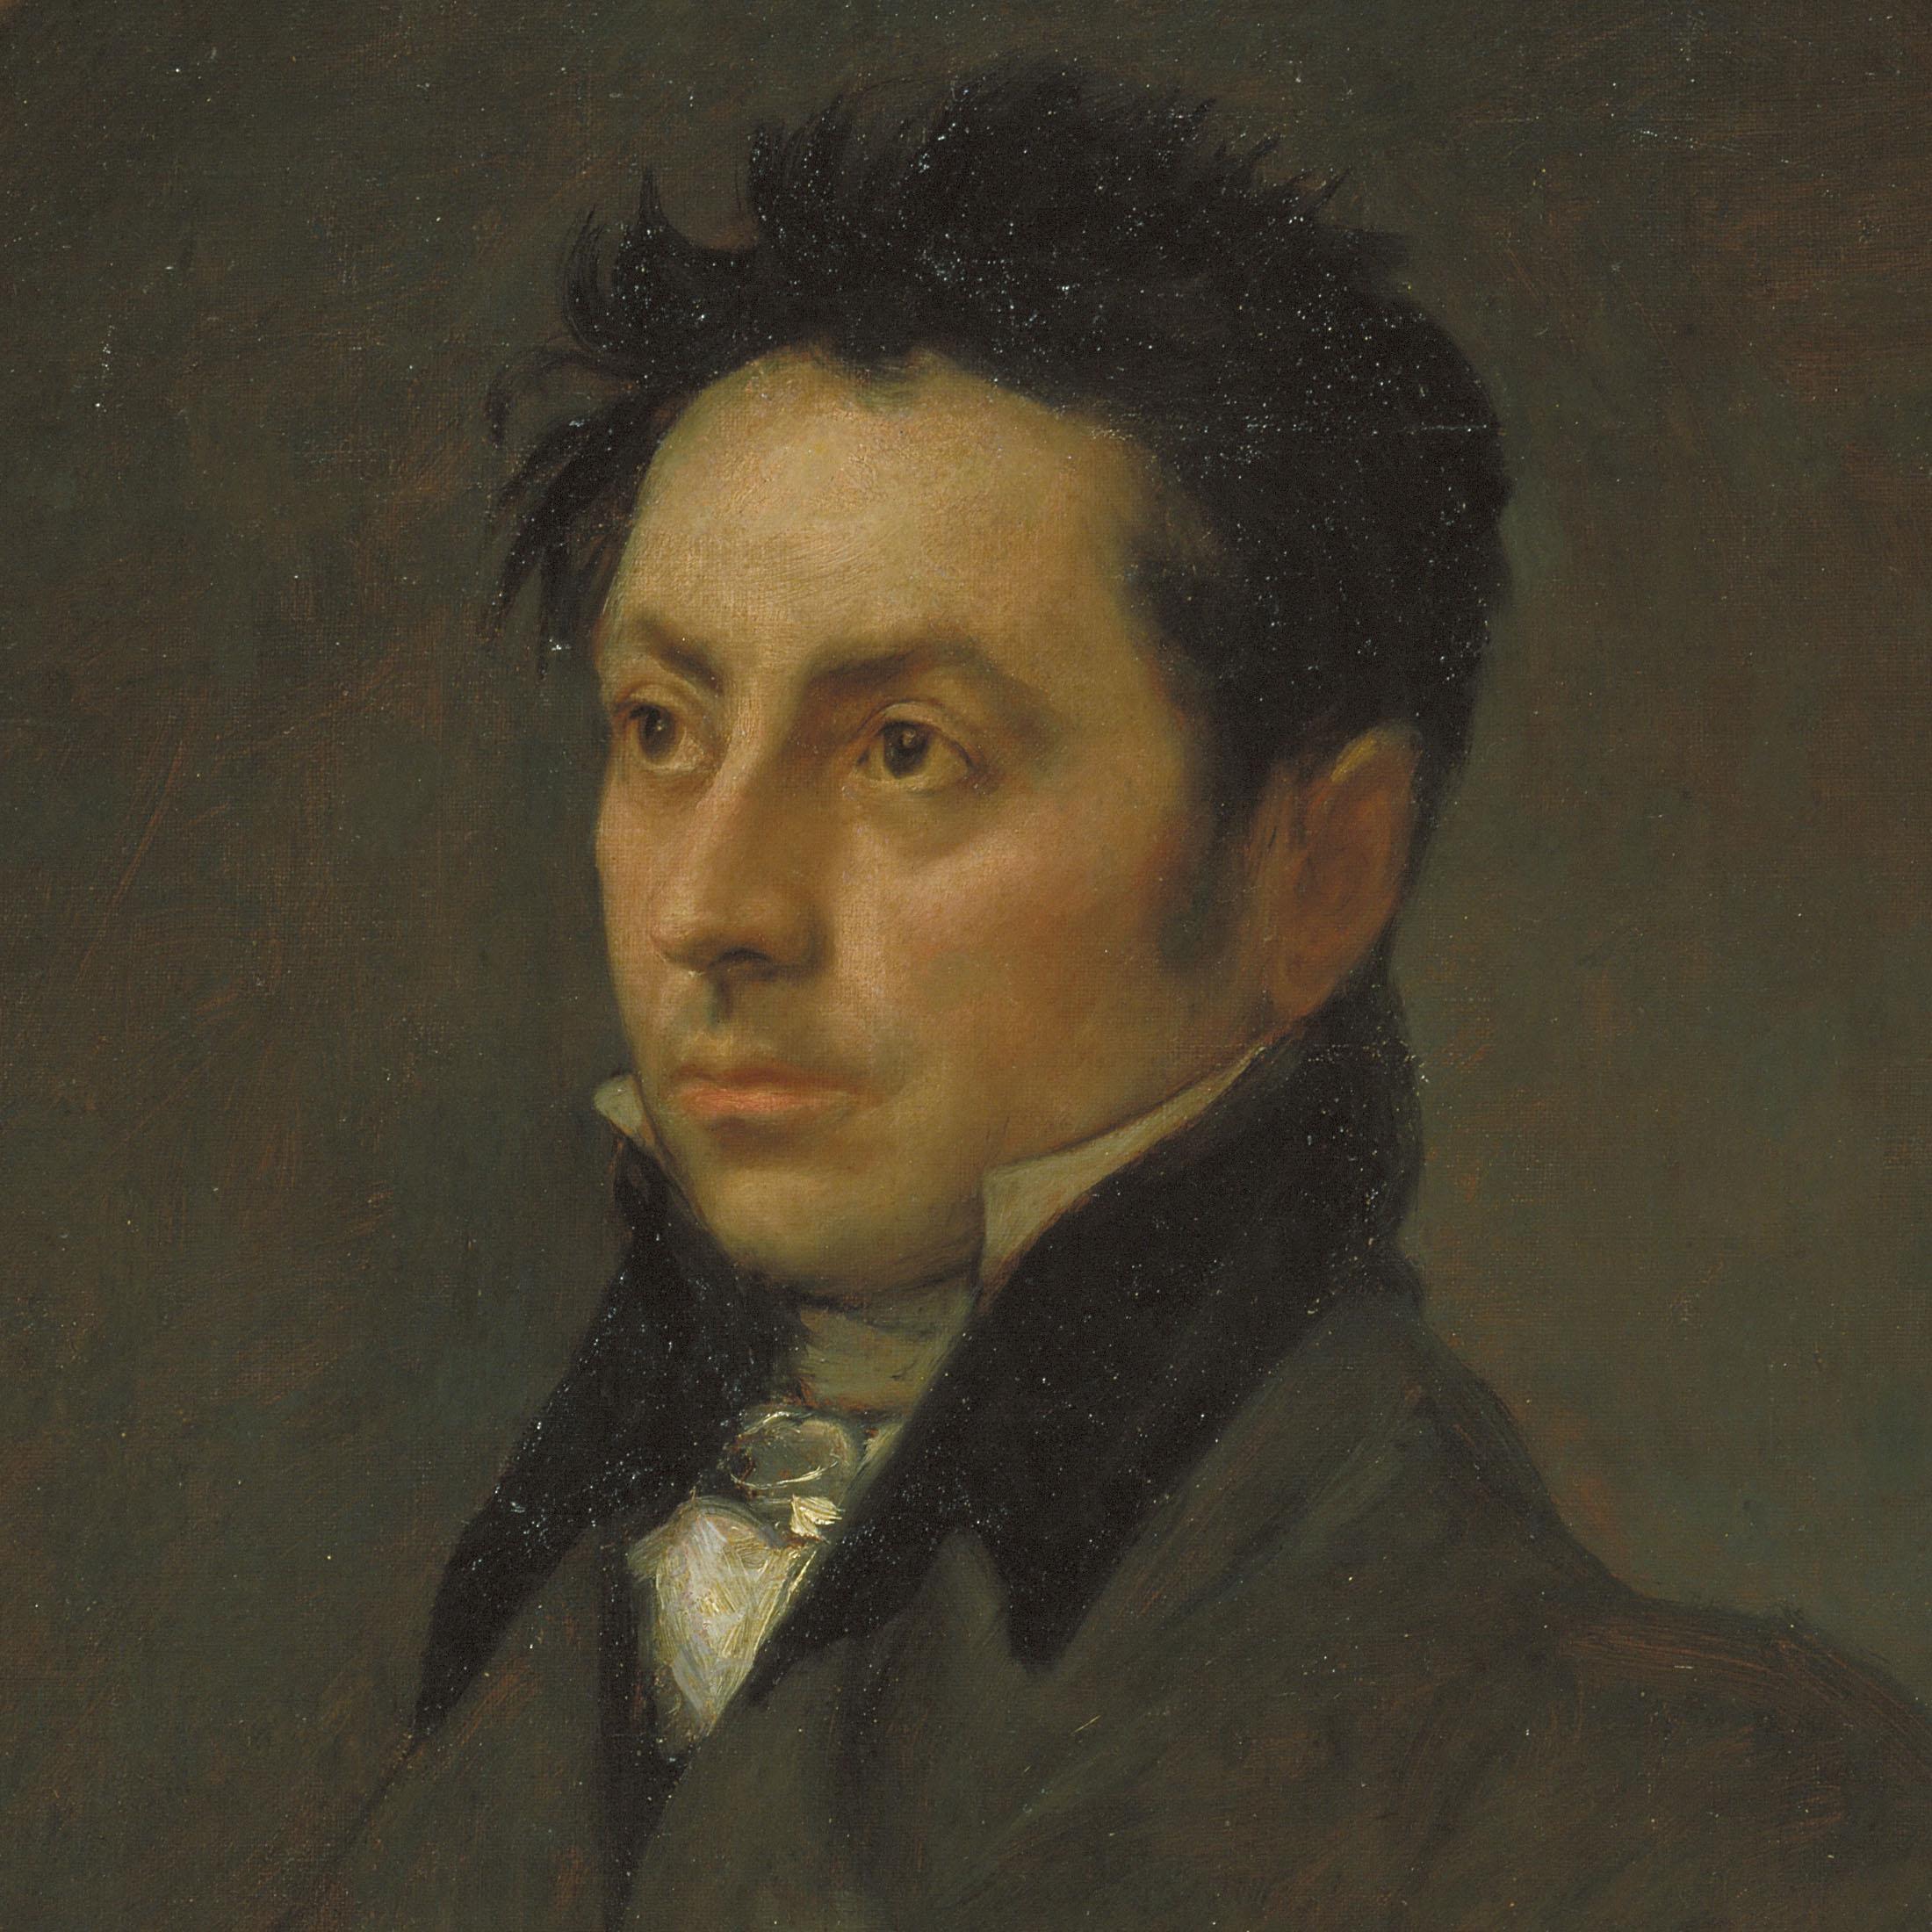 Francisco de Goya - Manuel Quijano - 1815 [1]